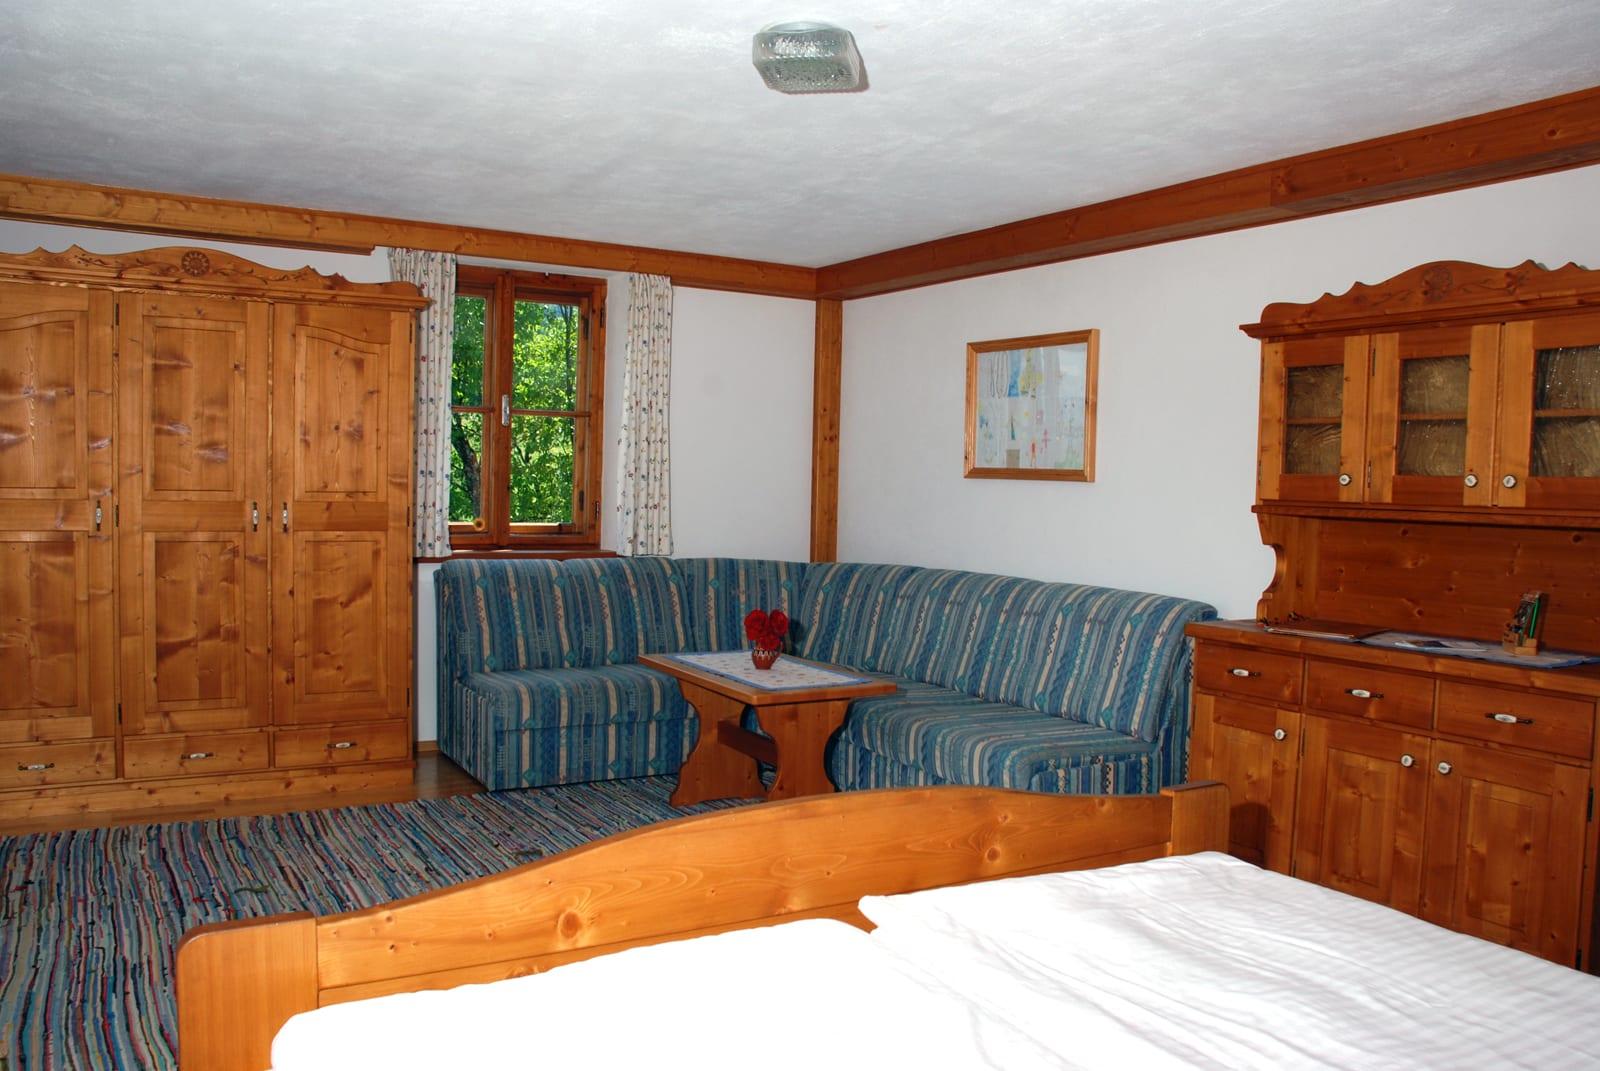 Ferienwohnung 70 m2